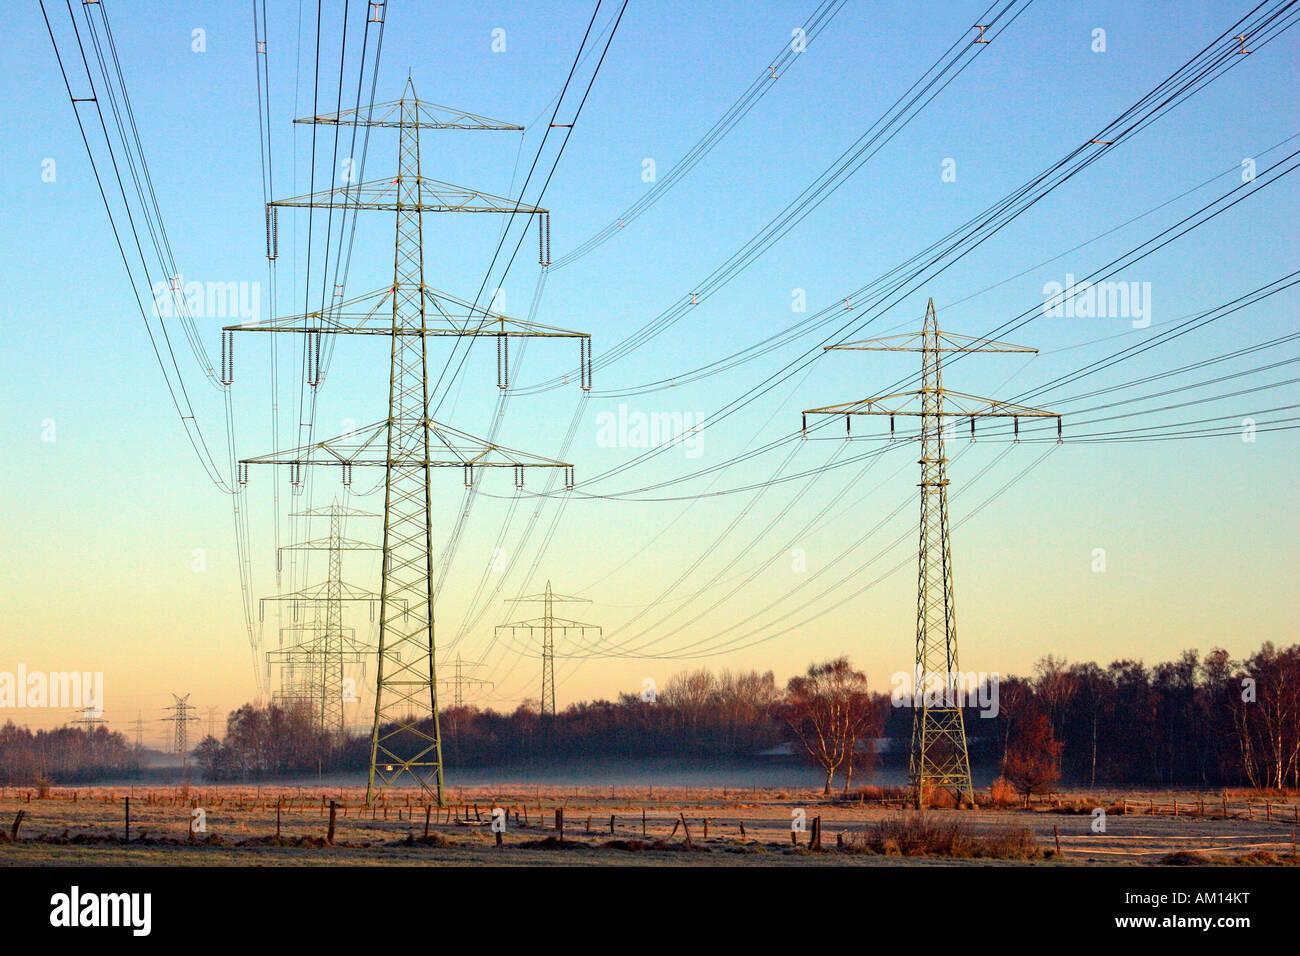 Strommasten - Linien Hochspannung Strom - Sonnenaufgang am Wintermorgen - Schleswig-Holstein, Deutschland, Europa Stockbild